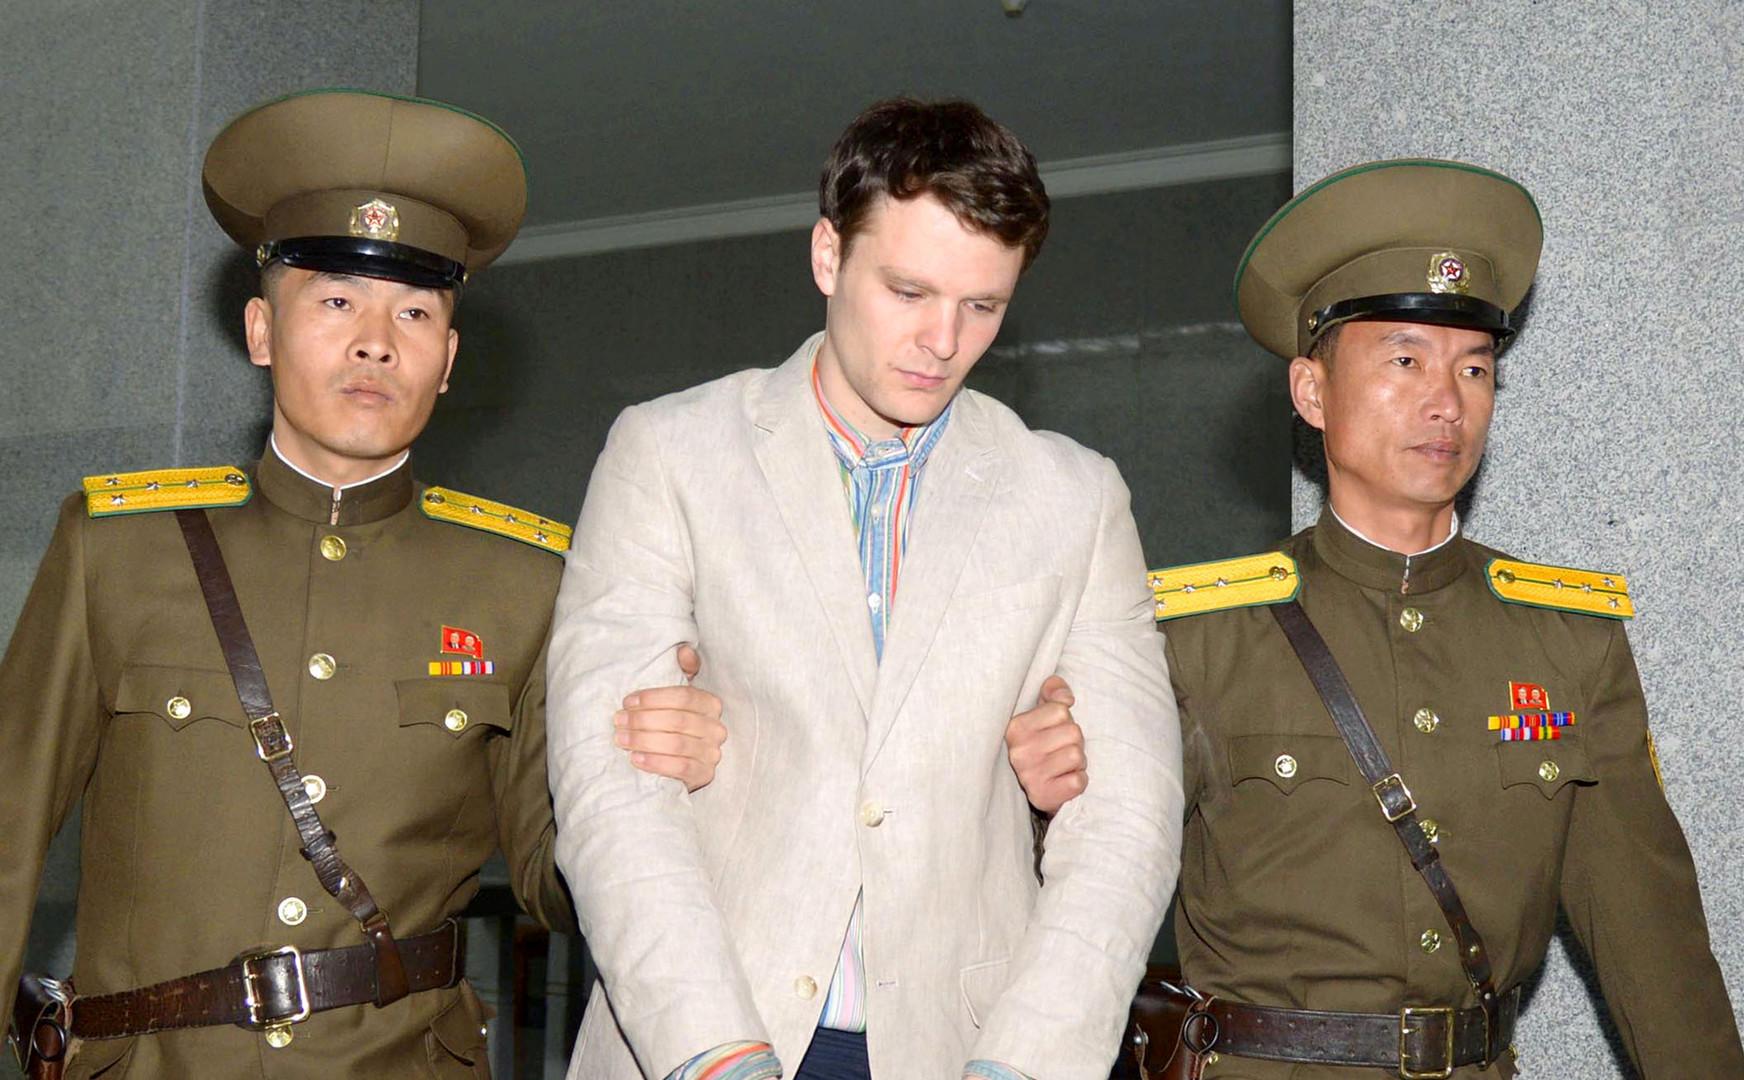 والدا الطالب الأمريكي المتوفى إثر سجنه في بيونغ يانغ يطلبان تسليم السفينة الكورية المحتجزة لهما